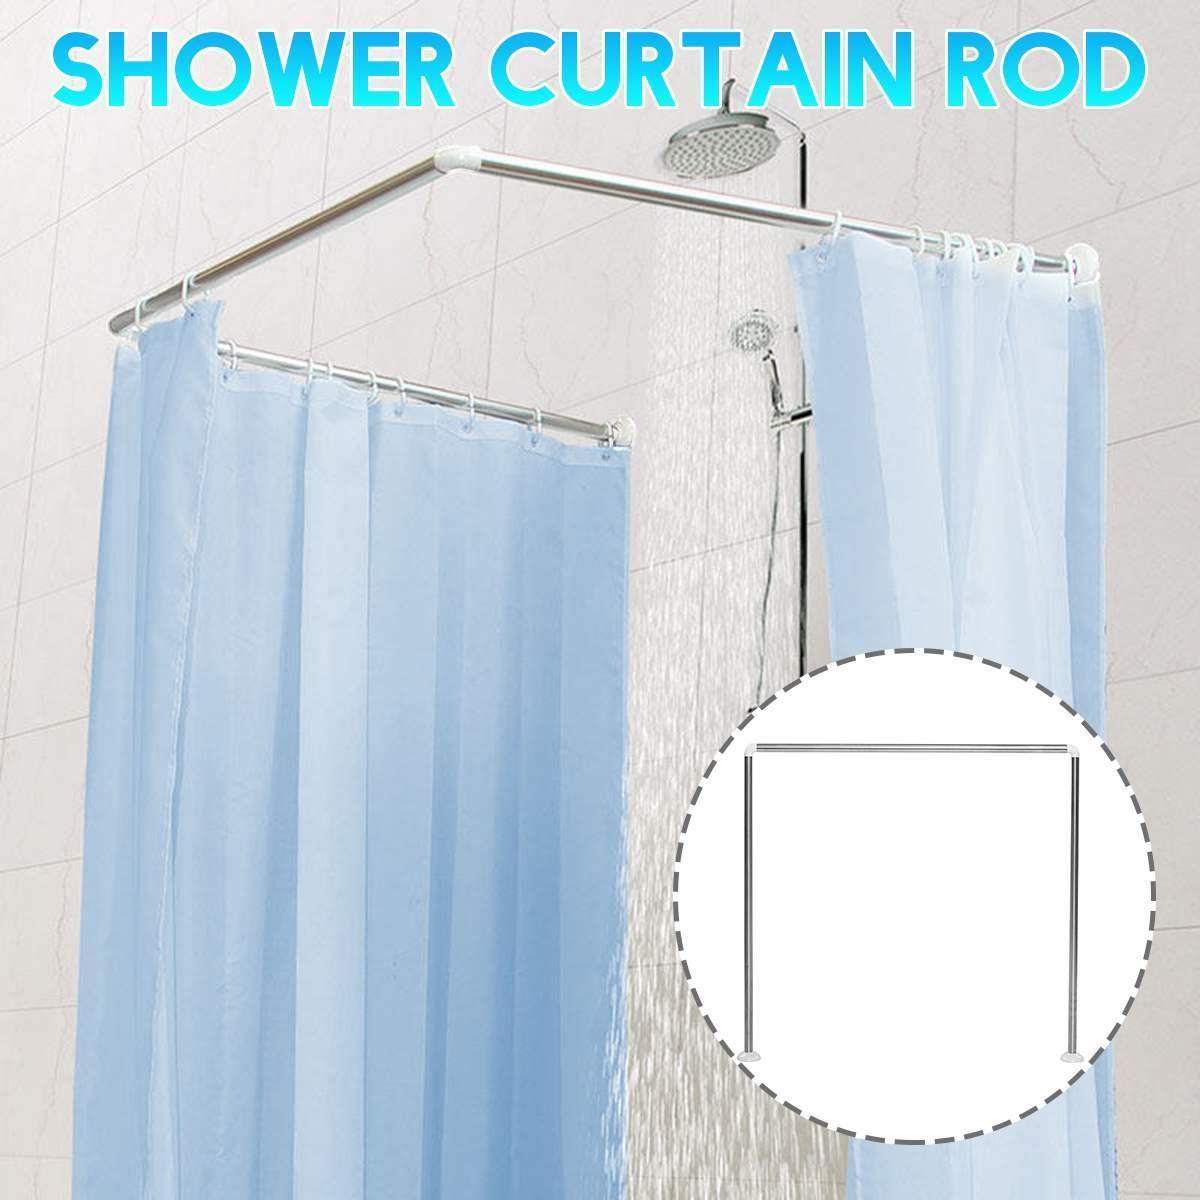 Aço inoxidável / liga de alumínio L / U ajustável Banho Shower Curtain Rods Curvo Rail Rod Banho Bar até 20kg Bearing T200601